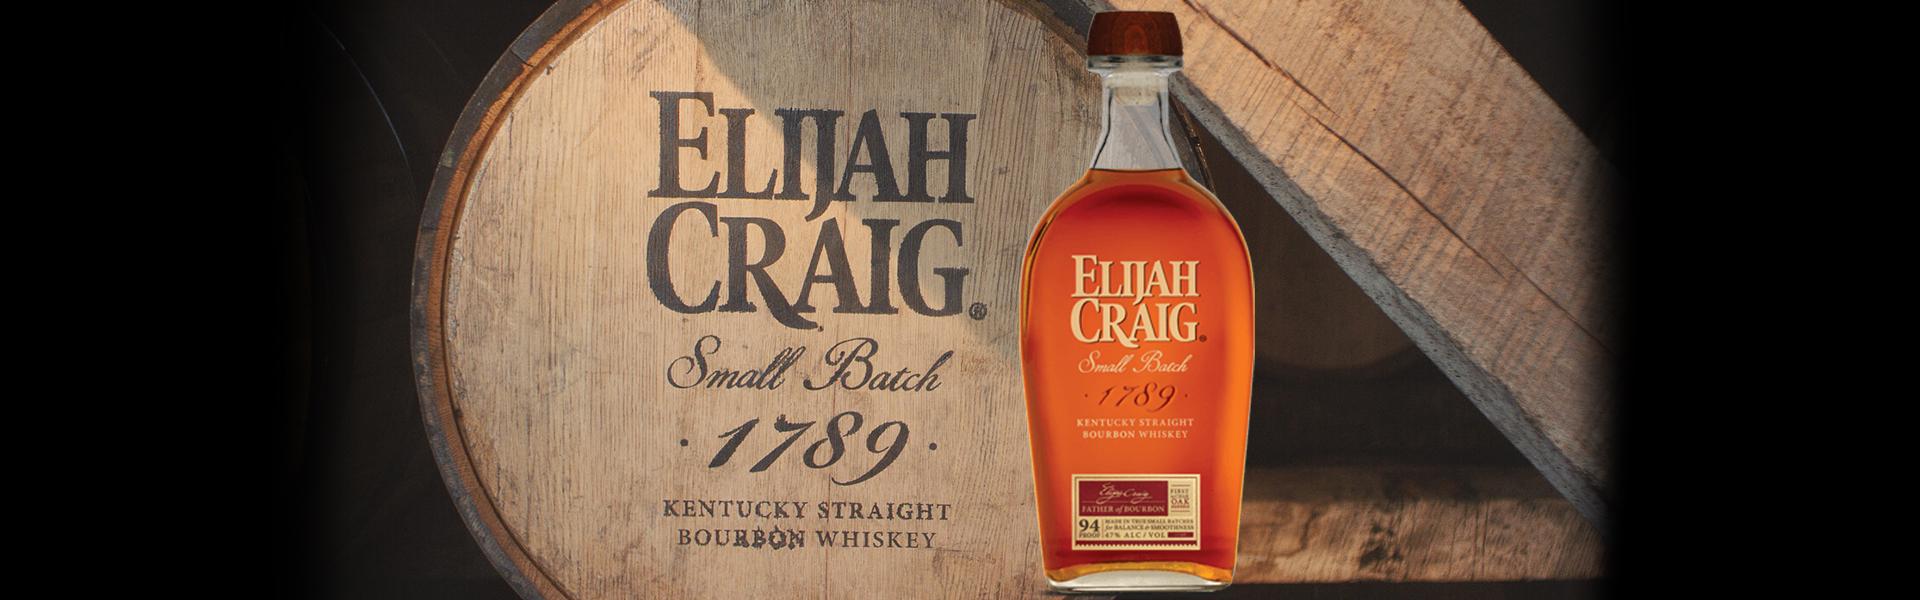 Elijah Craig – en hyllning till bourbonwhiskeyns fader.